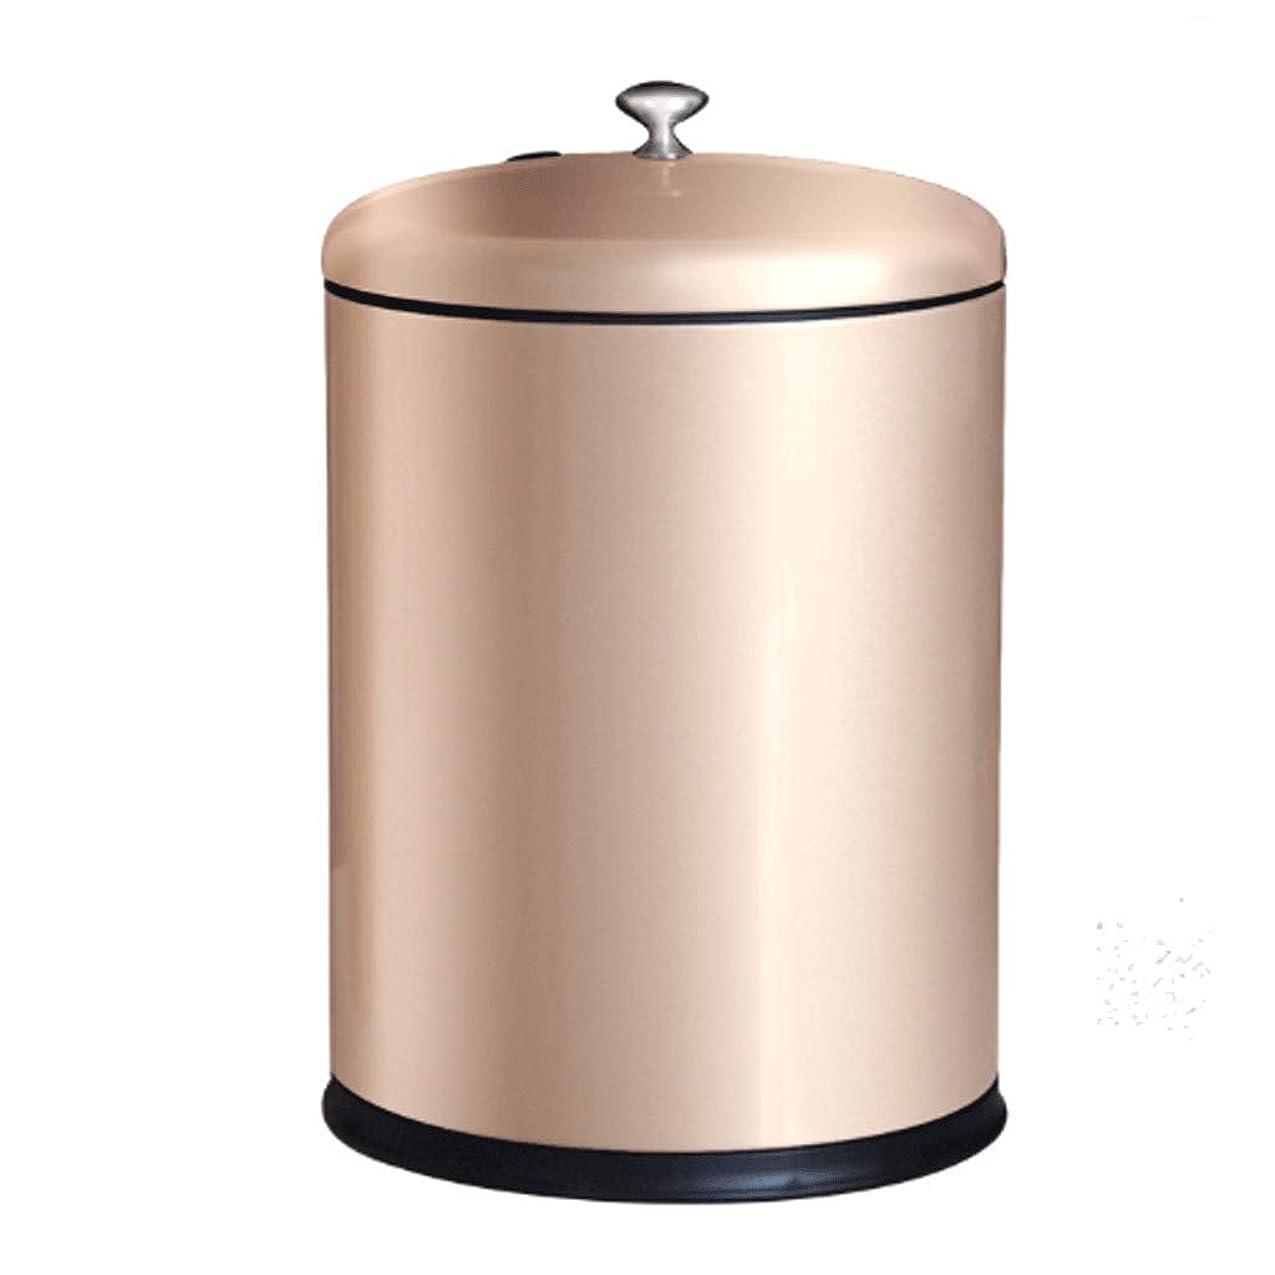 気球設計マスクMai? ごみ箱、10Lステンレスゴミ貯蔵庫、蓋フィルター付茶フィルターバケツ、ホームオフィス (色 : ゴールド)